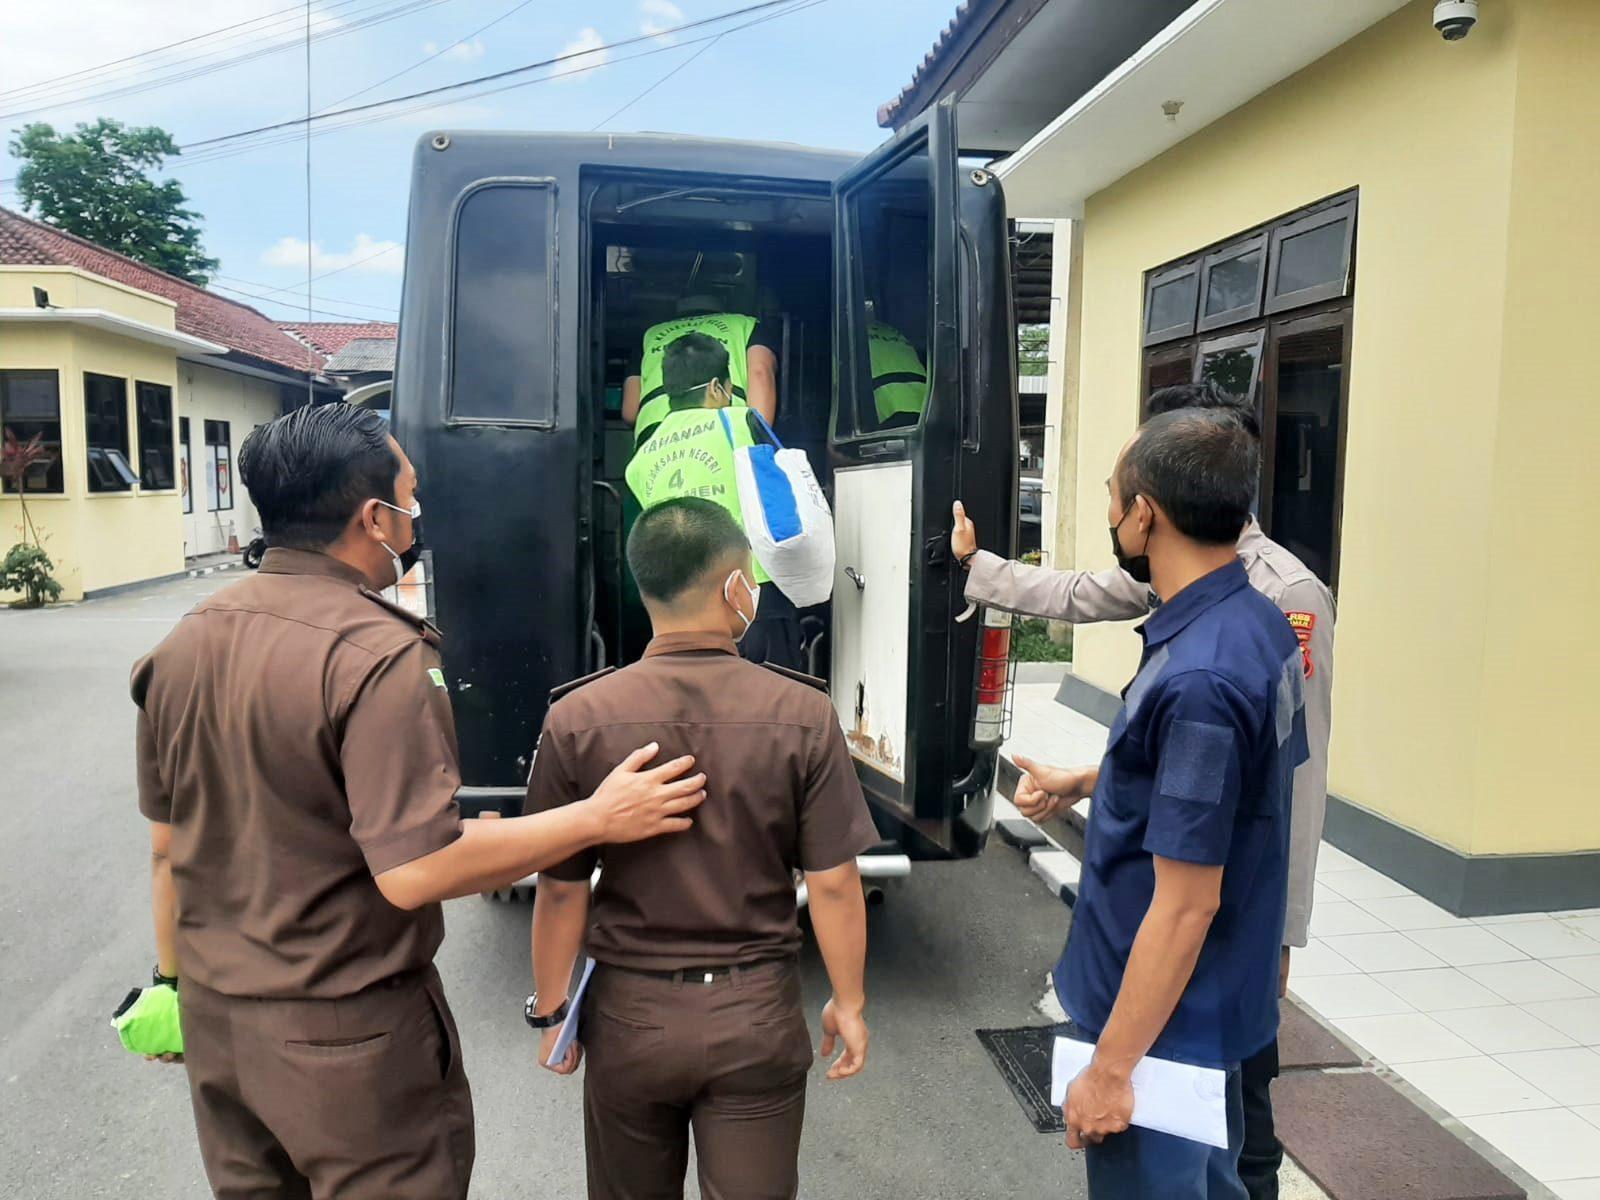 Atas Permintaan Kejari, 7 Tahanan Dipindah dari Polres ke Rutan Kelas II Kebumen